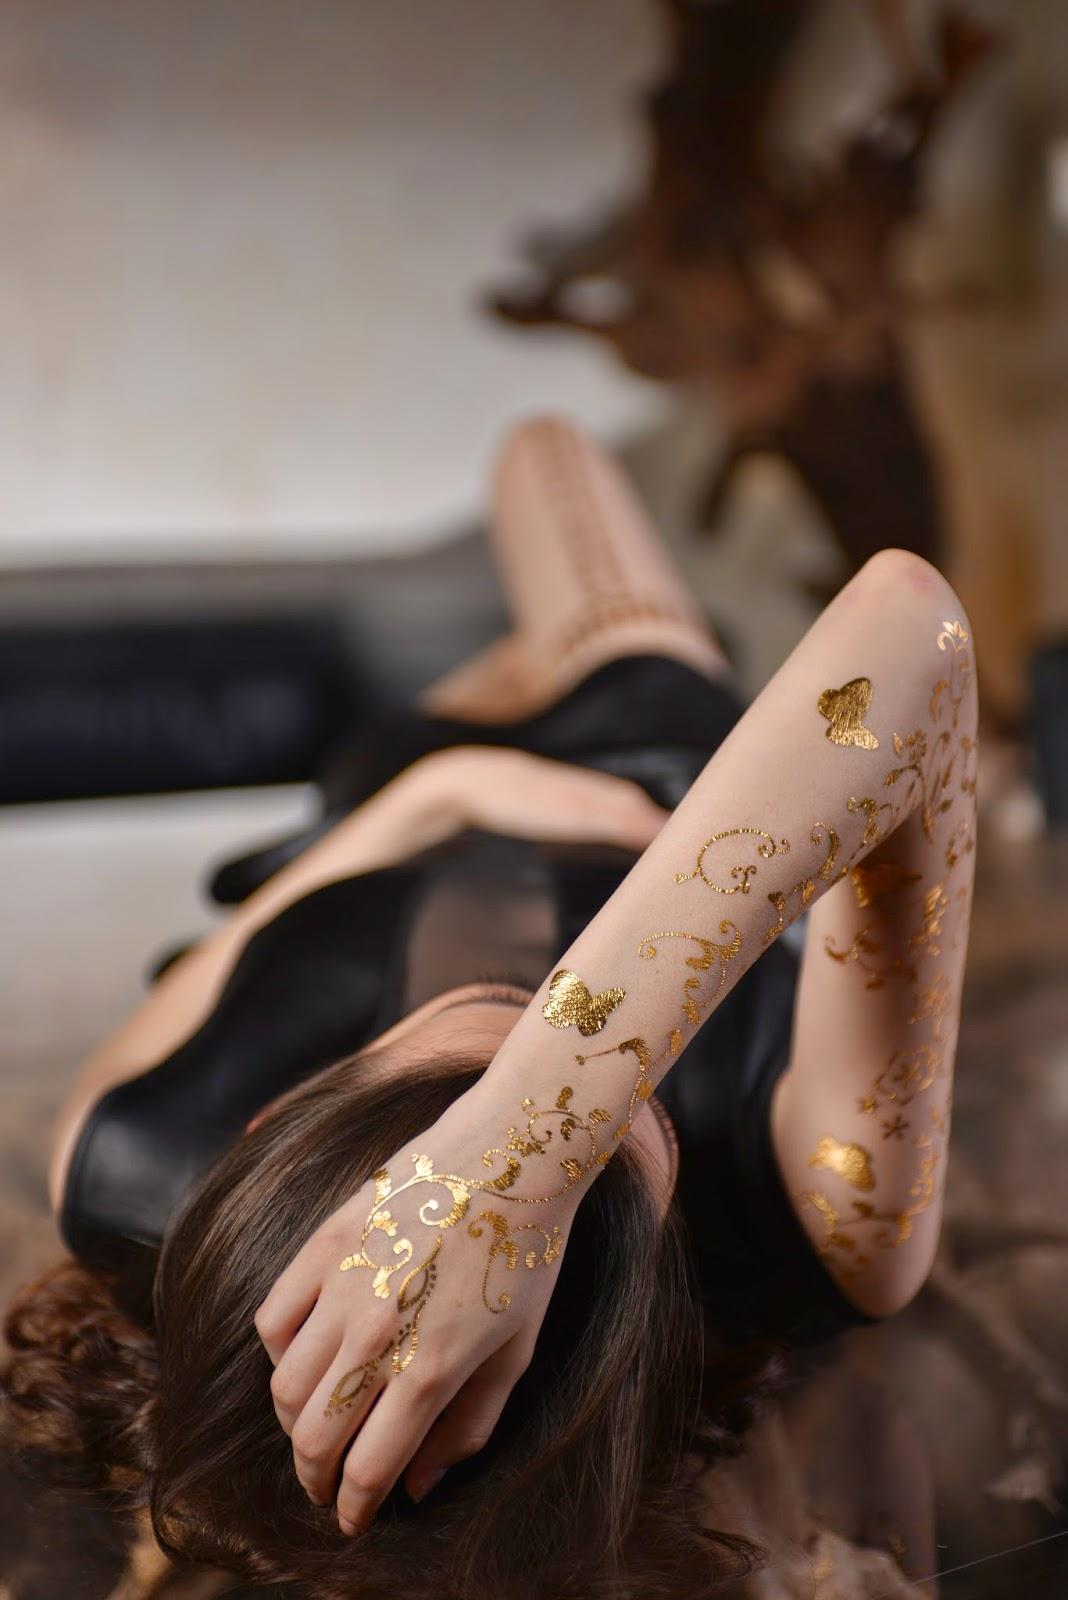 Tatouage temporaire un bijou à même la peau Marie Claire - tatouage temporaire bijoux